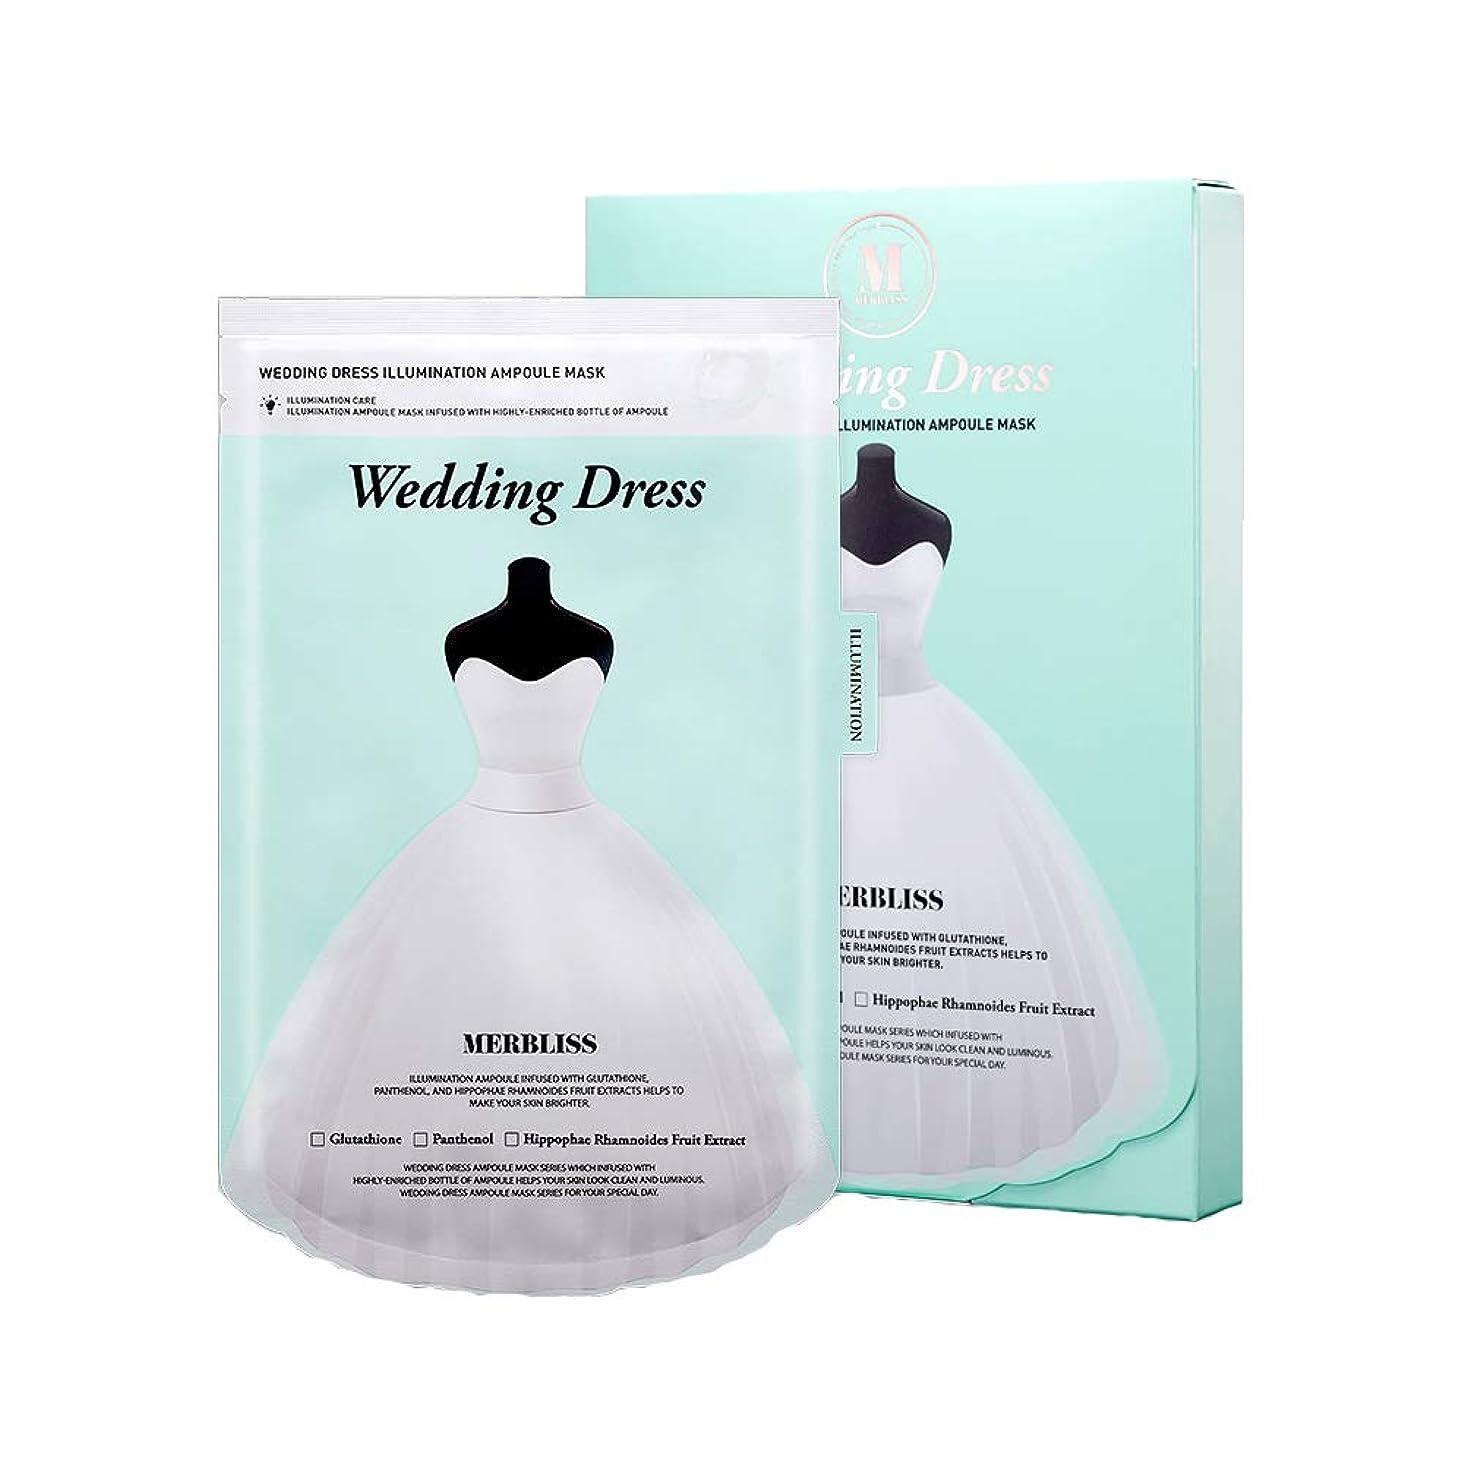 熟す人種バッチMERBLISS(モルブリス) ウェディングドレス イルミネーションマスク 5枚入り 徹底透明感タイプ